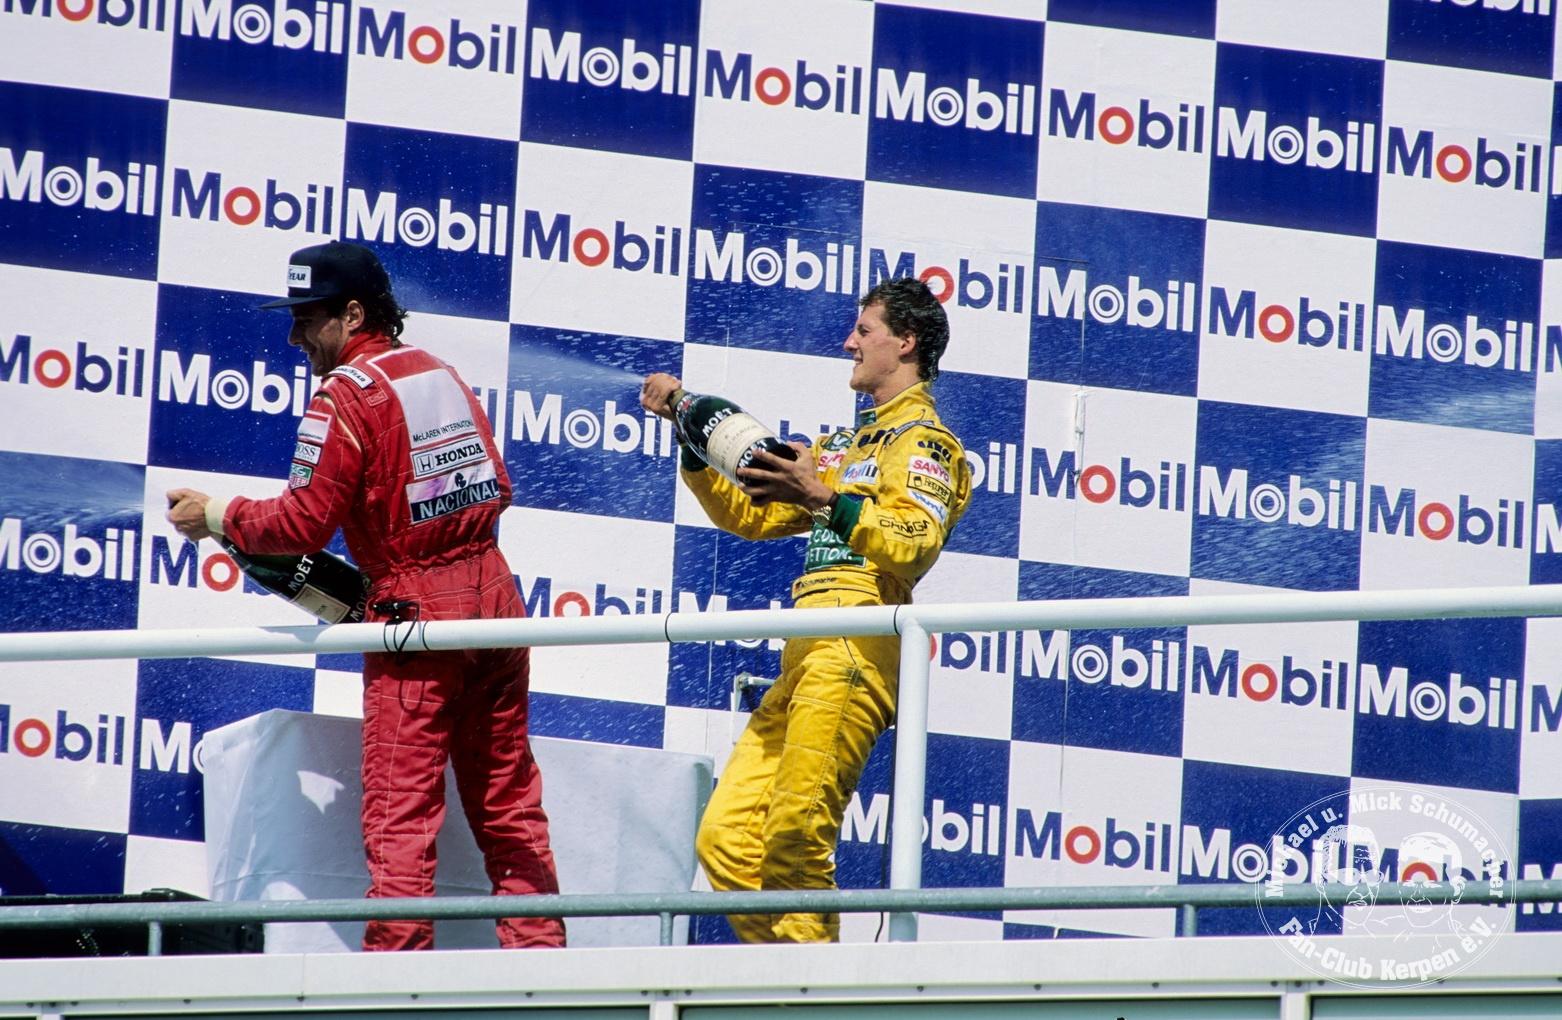 Formel 1, Grand Prix Deutschland 1992, Hockenheimring, 26.07.1992